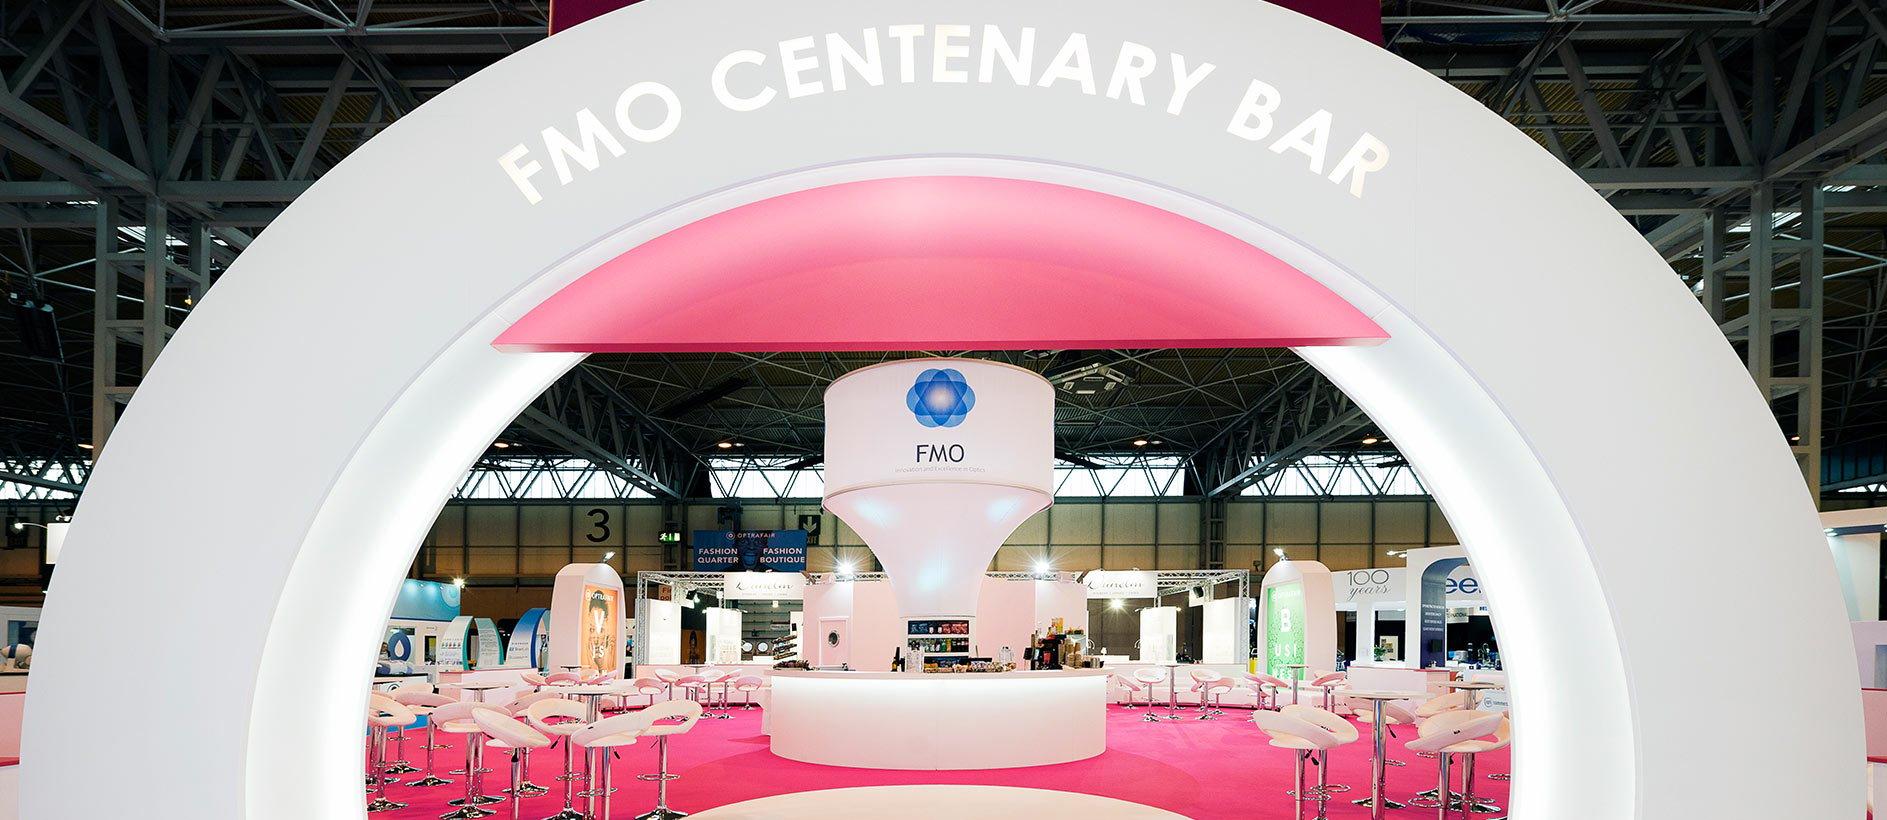 FMO Centenary Bar at Optrafair